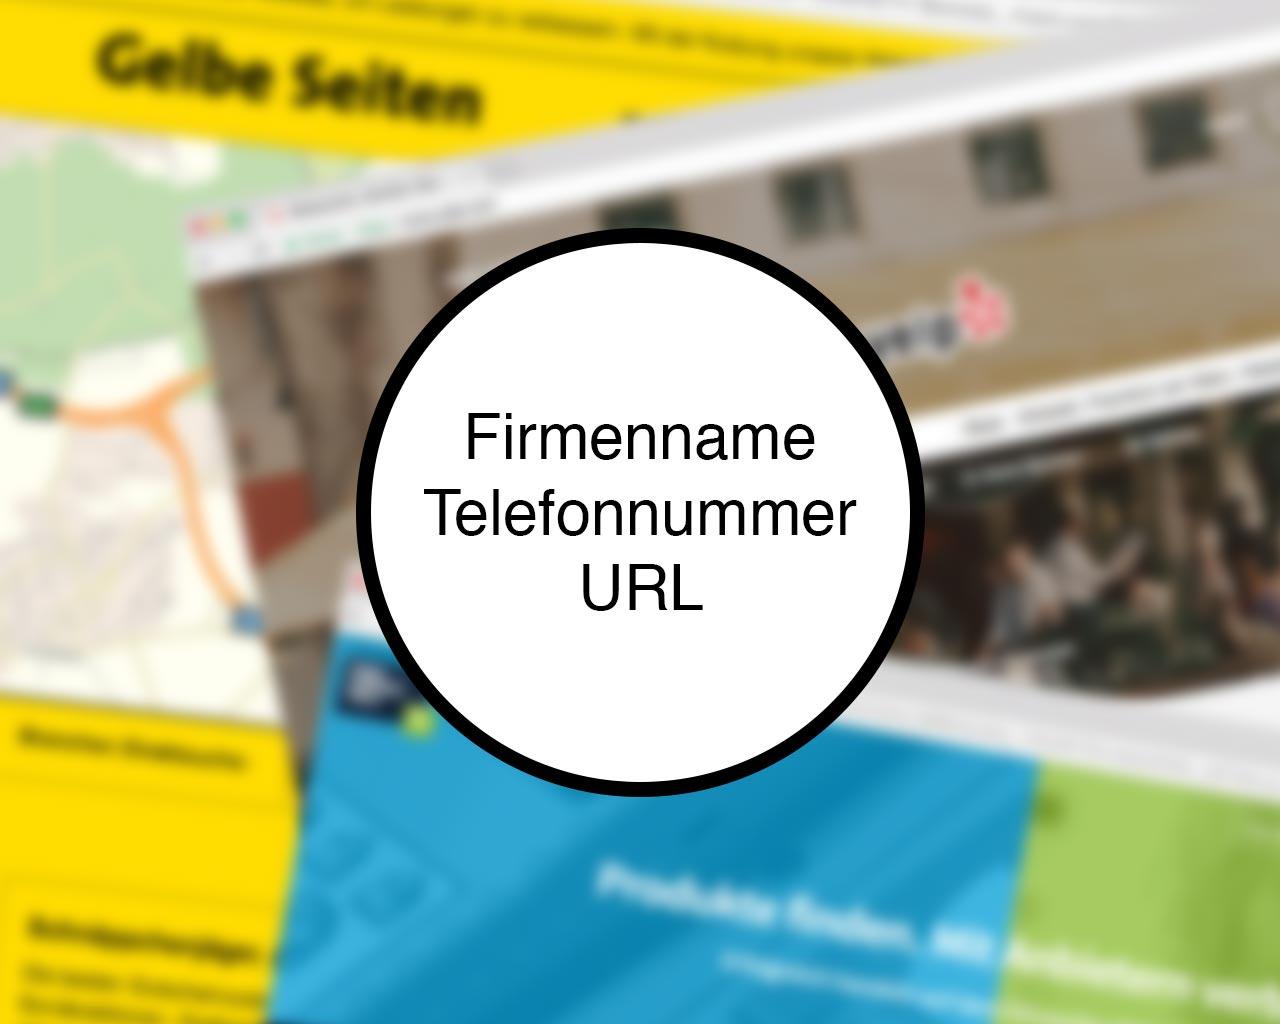 101 Online Kapital - Teil 02 Firmenname, Telefonnummer und URL